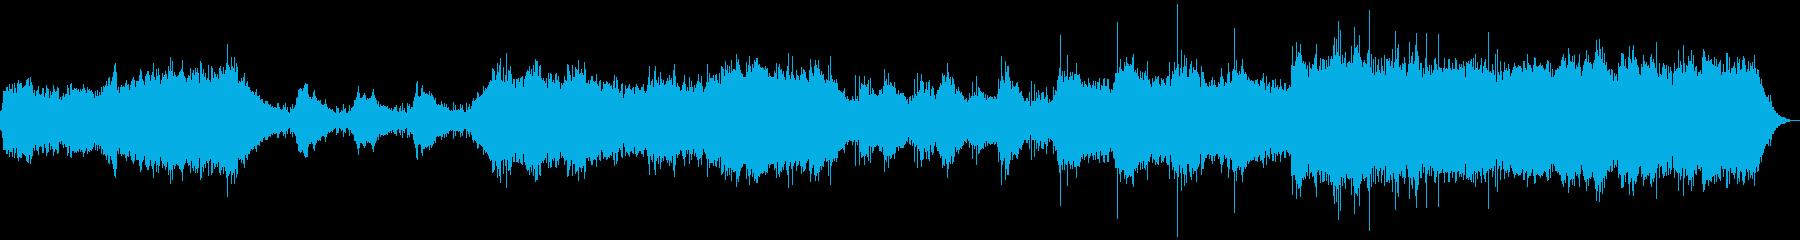 ほのぼのしたイメージで作りましたの再生済みの波形